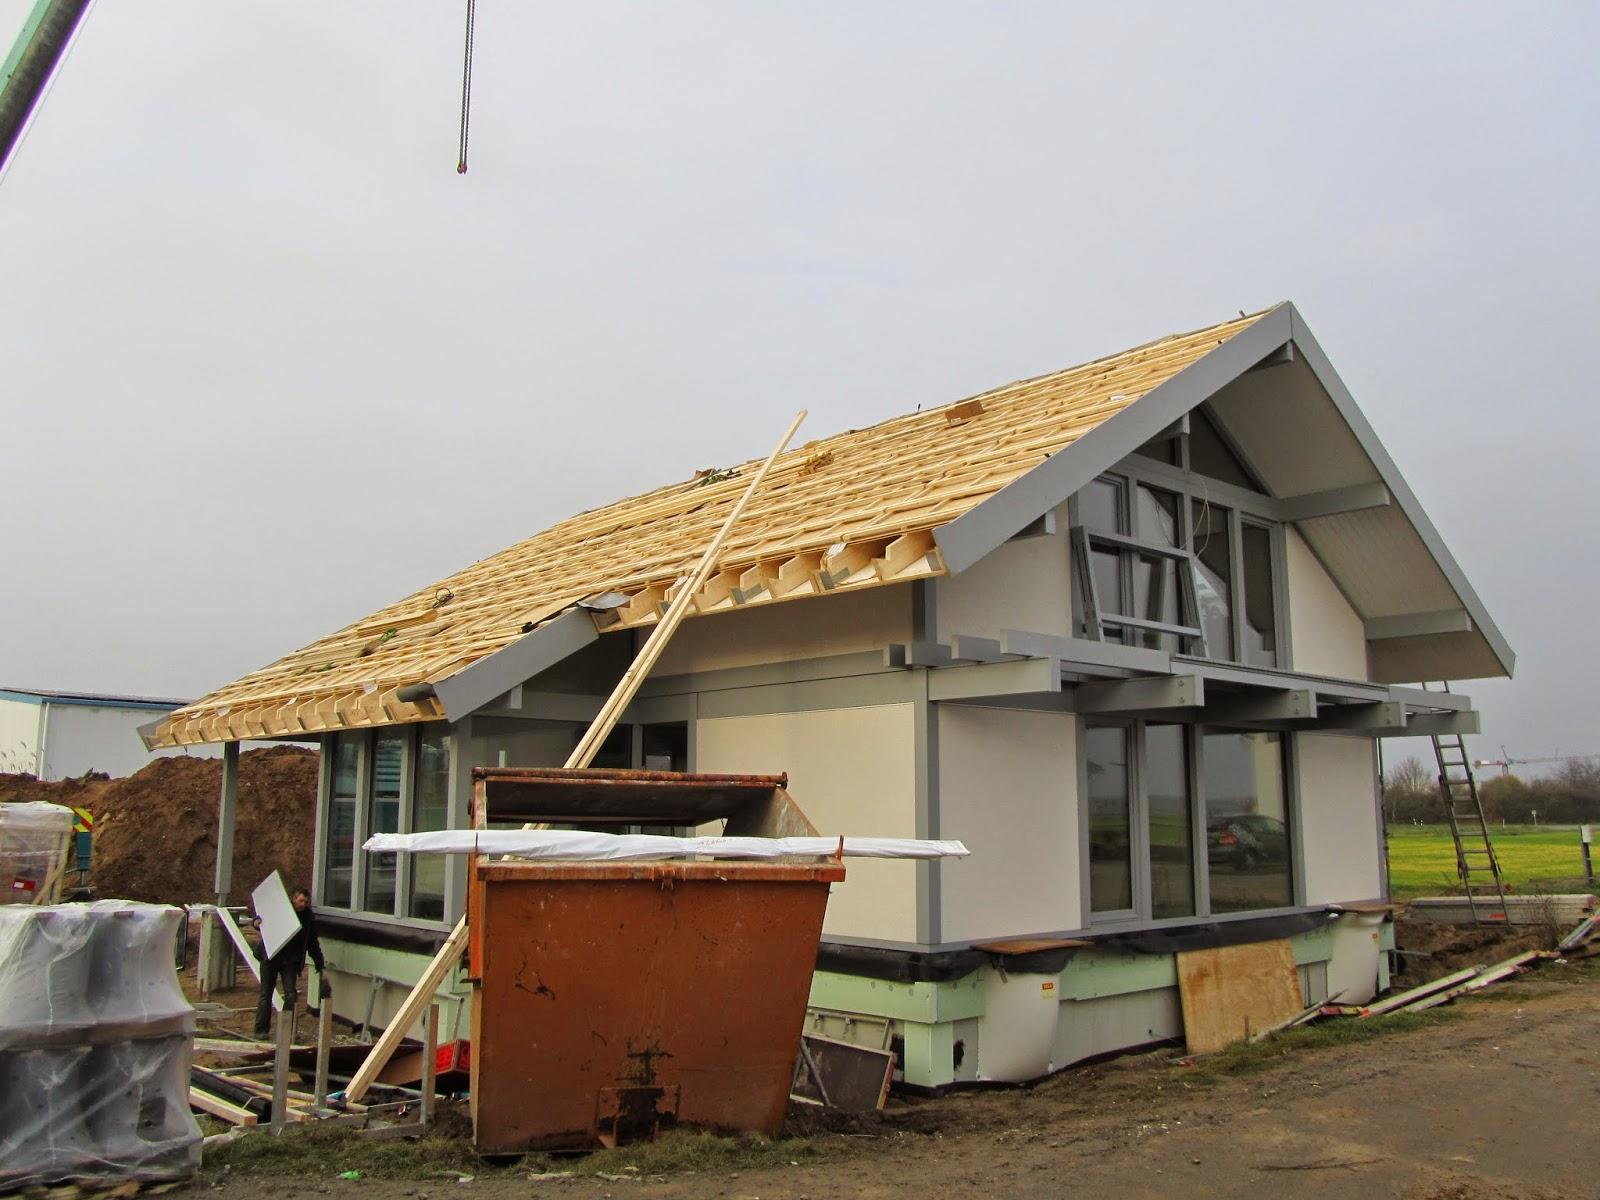 wann dach neu decken alexander friesen hat sein dach in decken lassen erlaubt sind jedoch nur. Black Bedroom Furniture Sets. Home Design Ideas